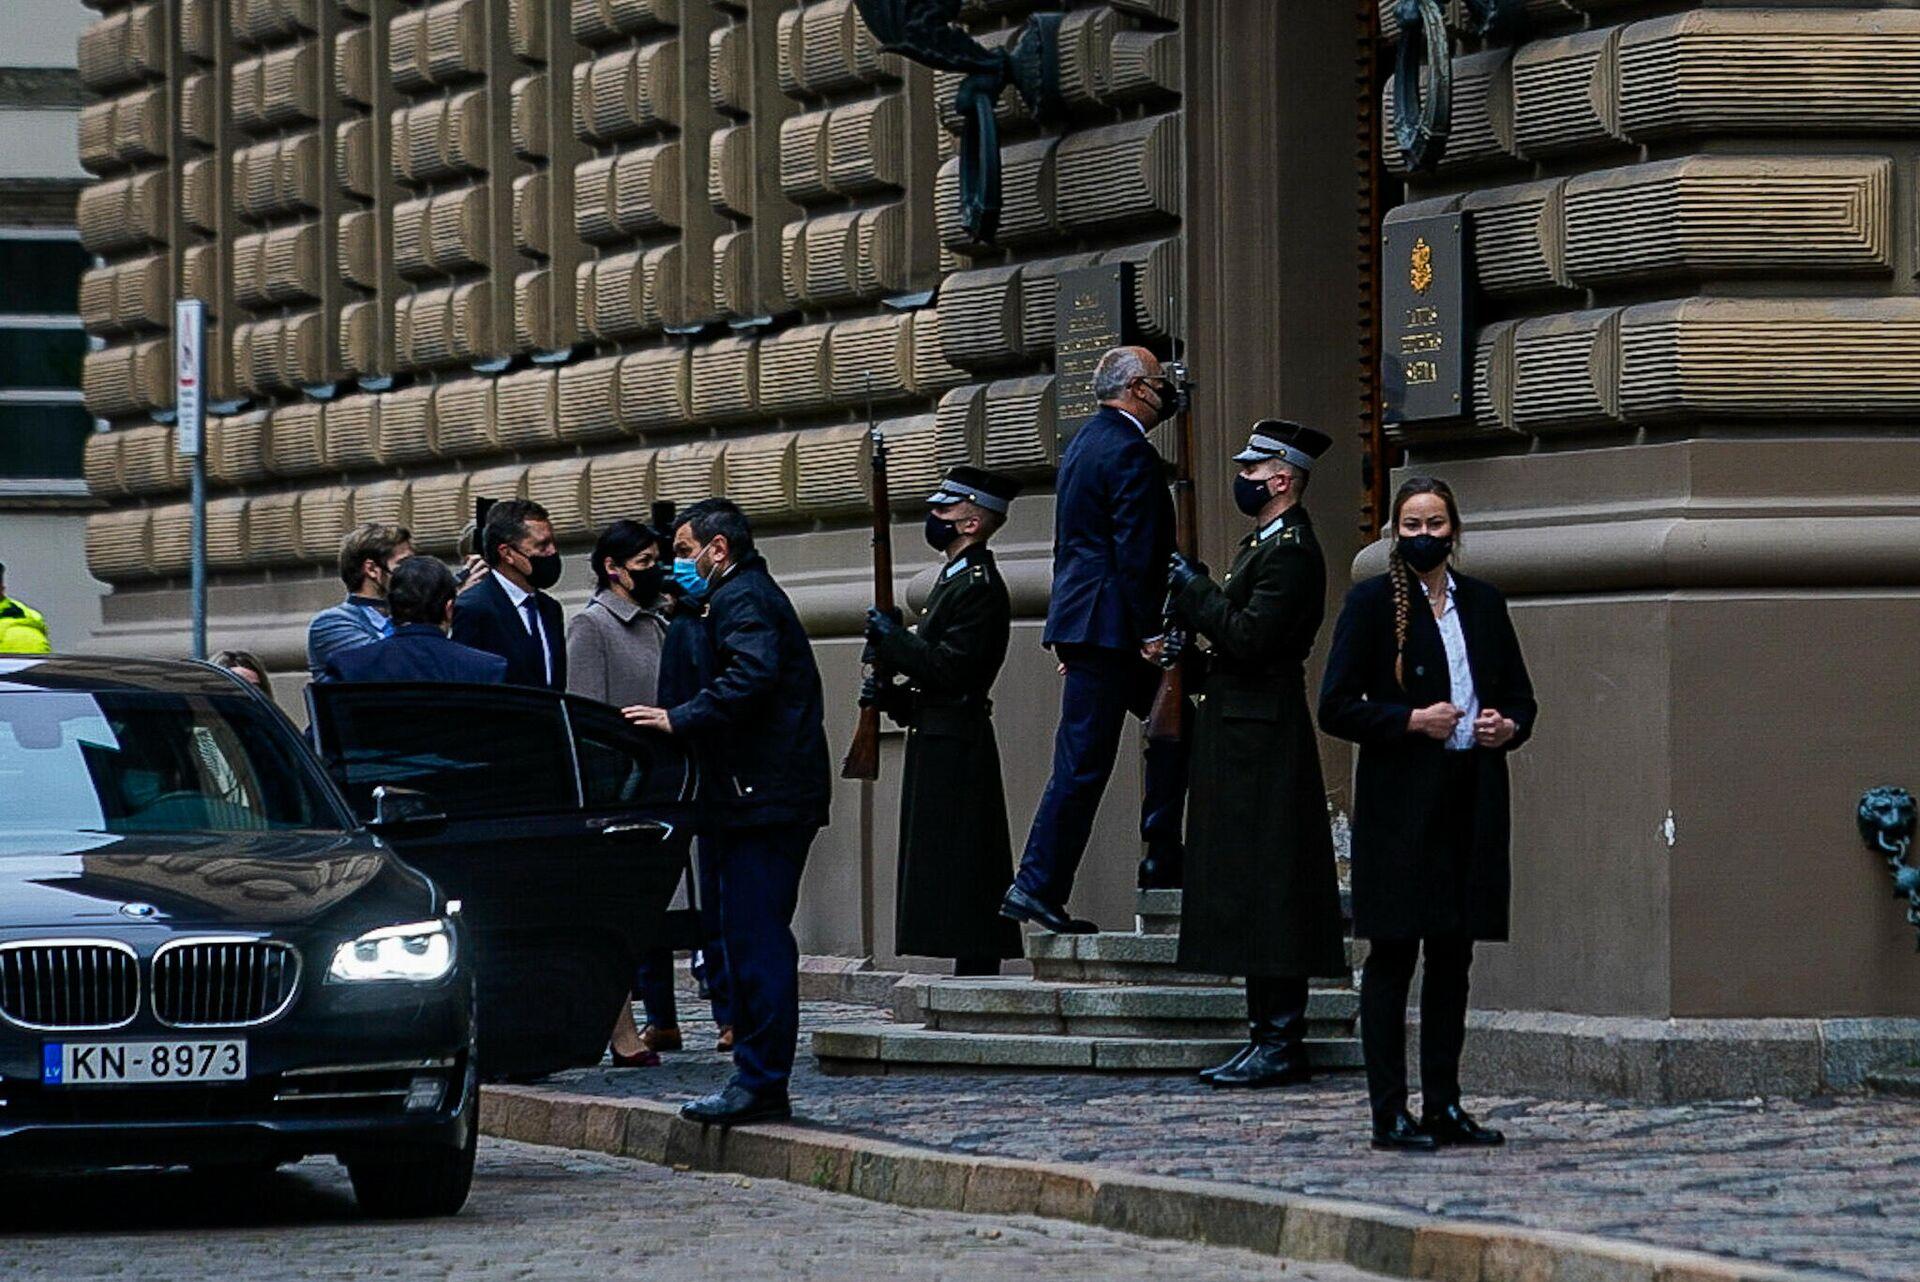 Президент Эстонии Алар Карис прибыл в Сейм Латвии - Sputnik Латвия, 1920, 14.10.2021